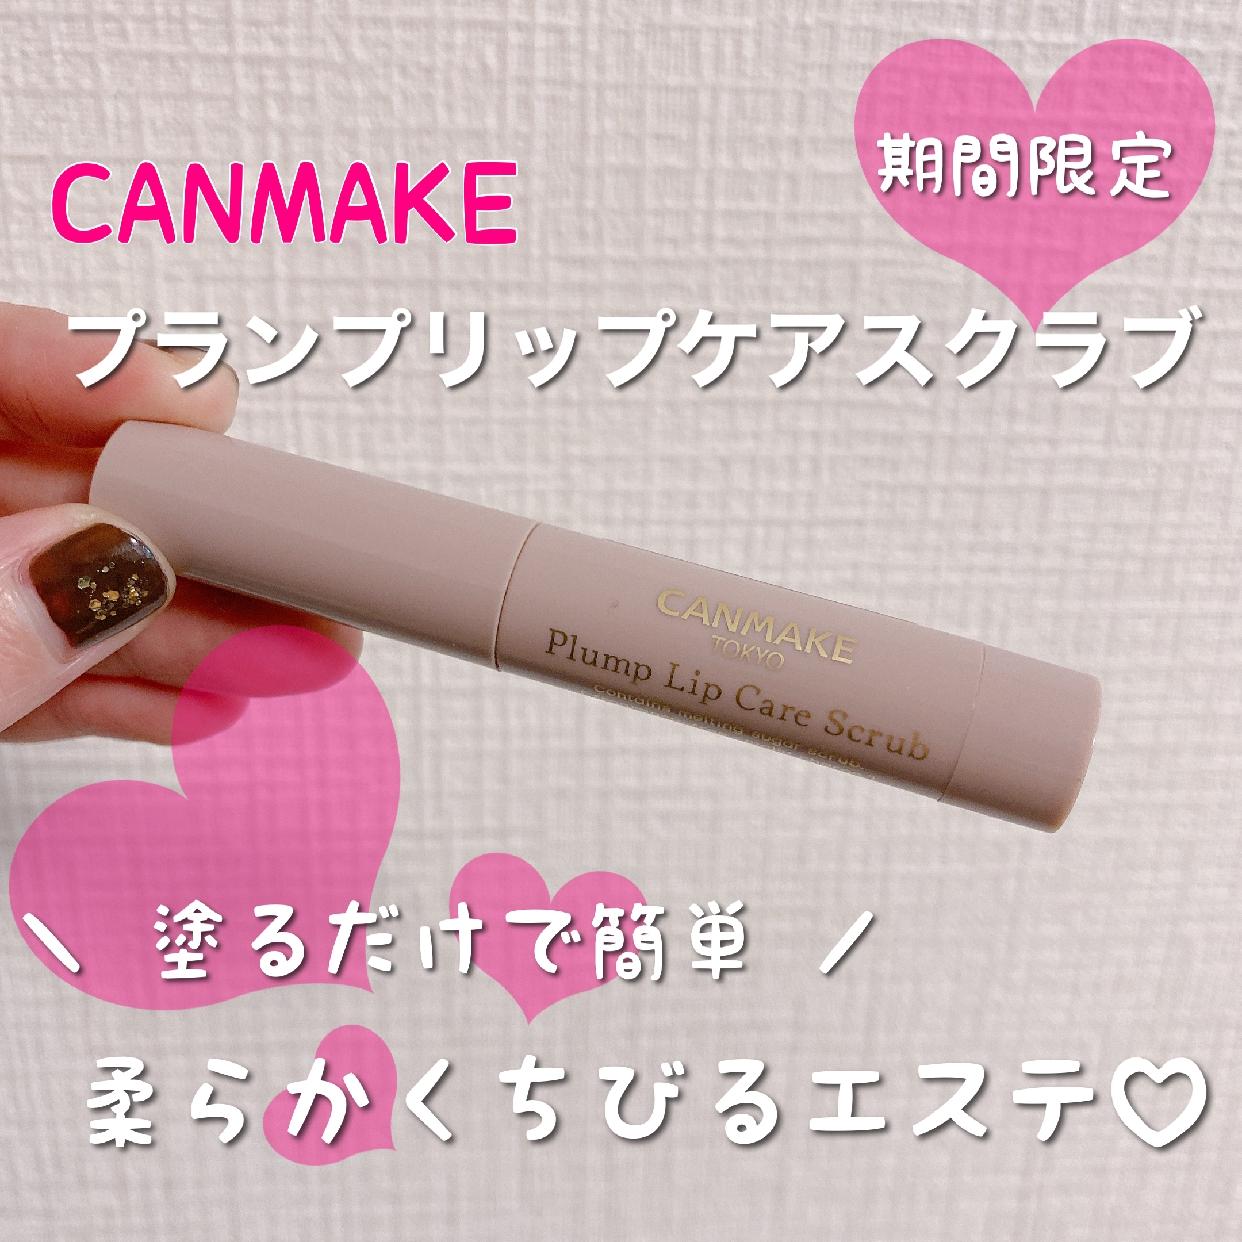 CANMAKE(キャンメイク) プランプリップケアスクラブを使ったMICHIRUさんのクチコミ画像2